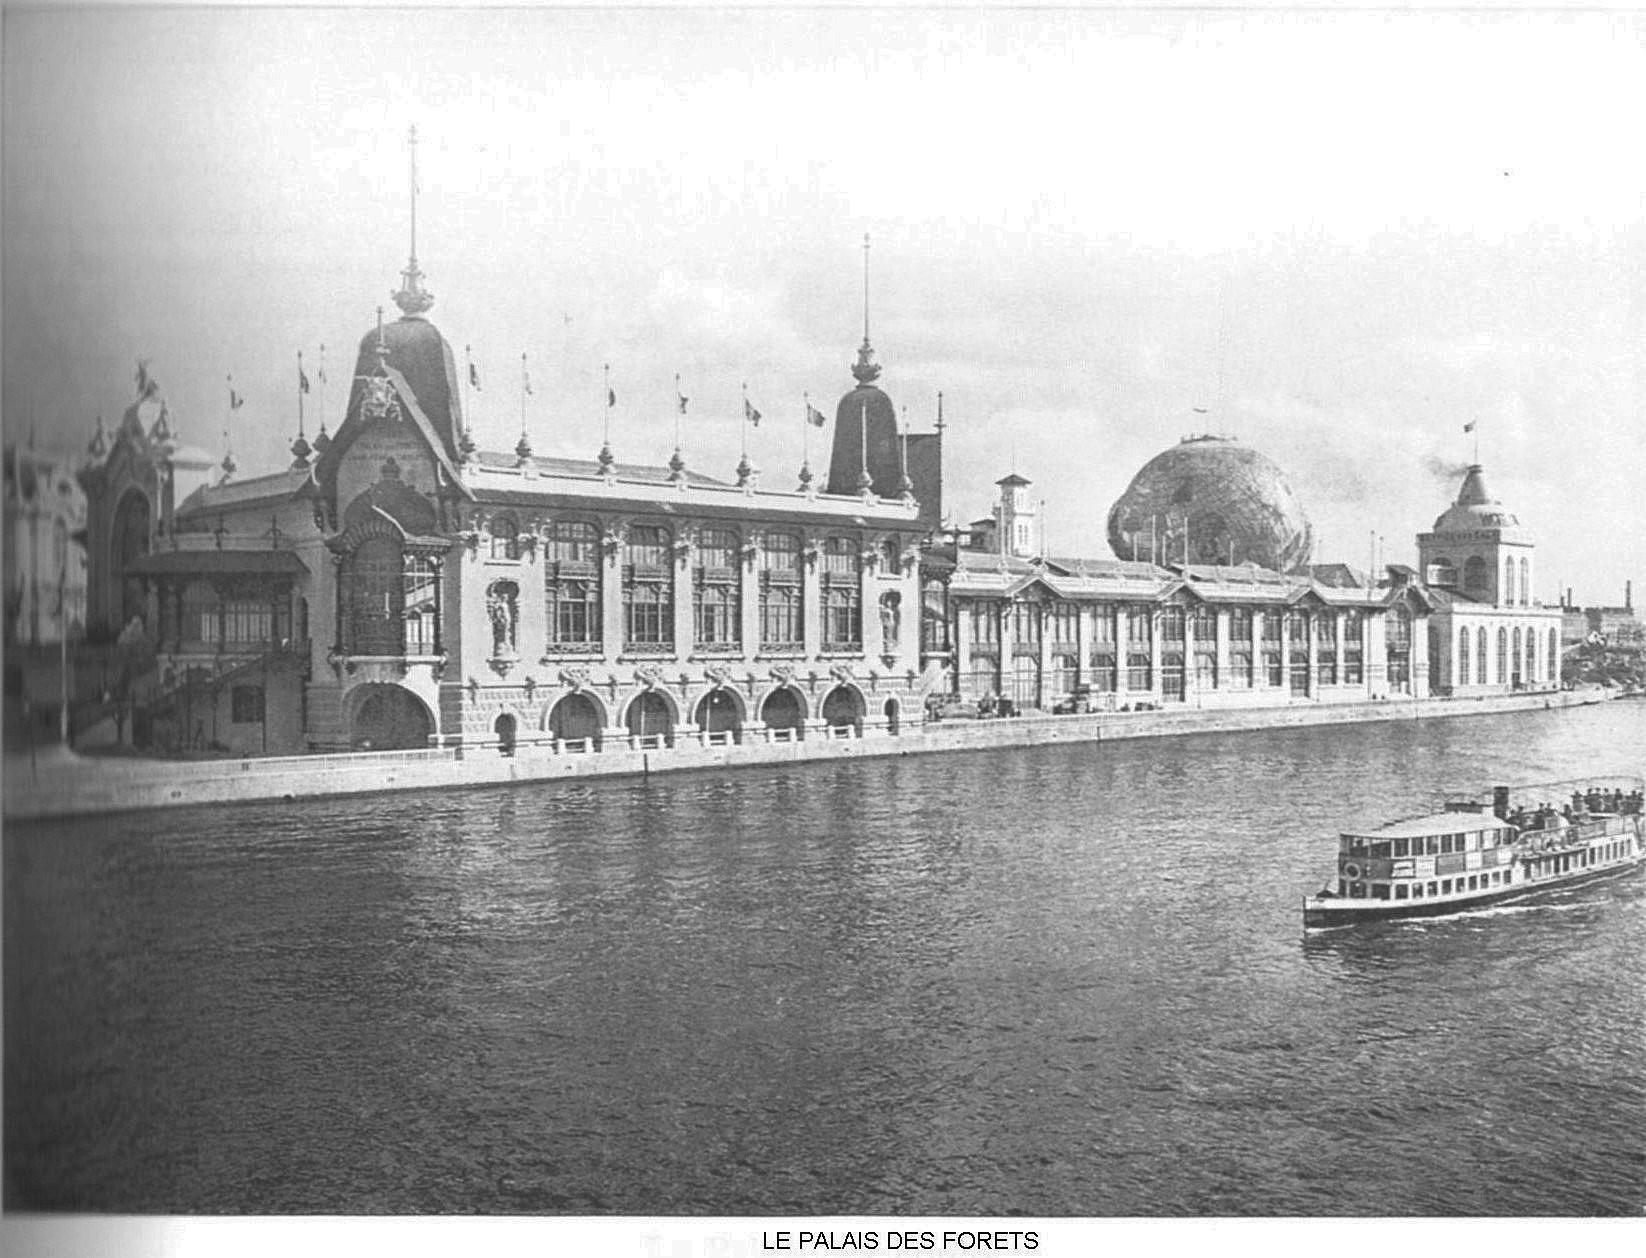 Ressources histoire exposition universelle 1900 le palais des forets